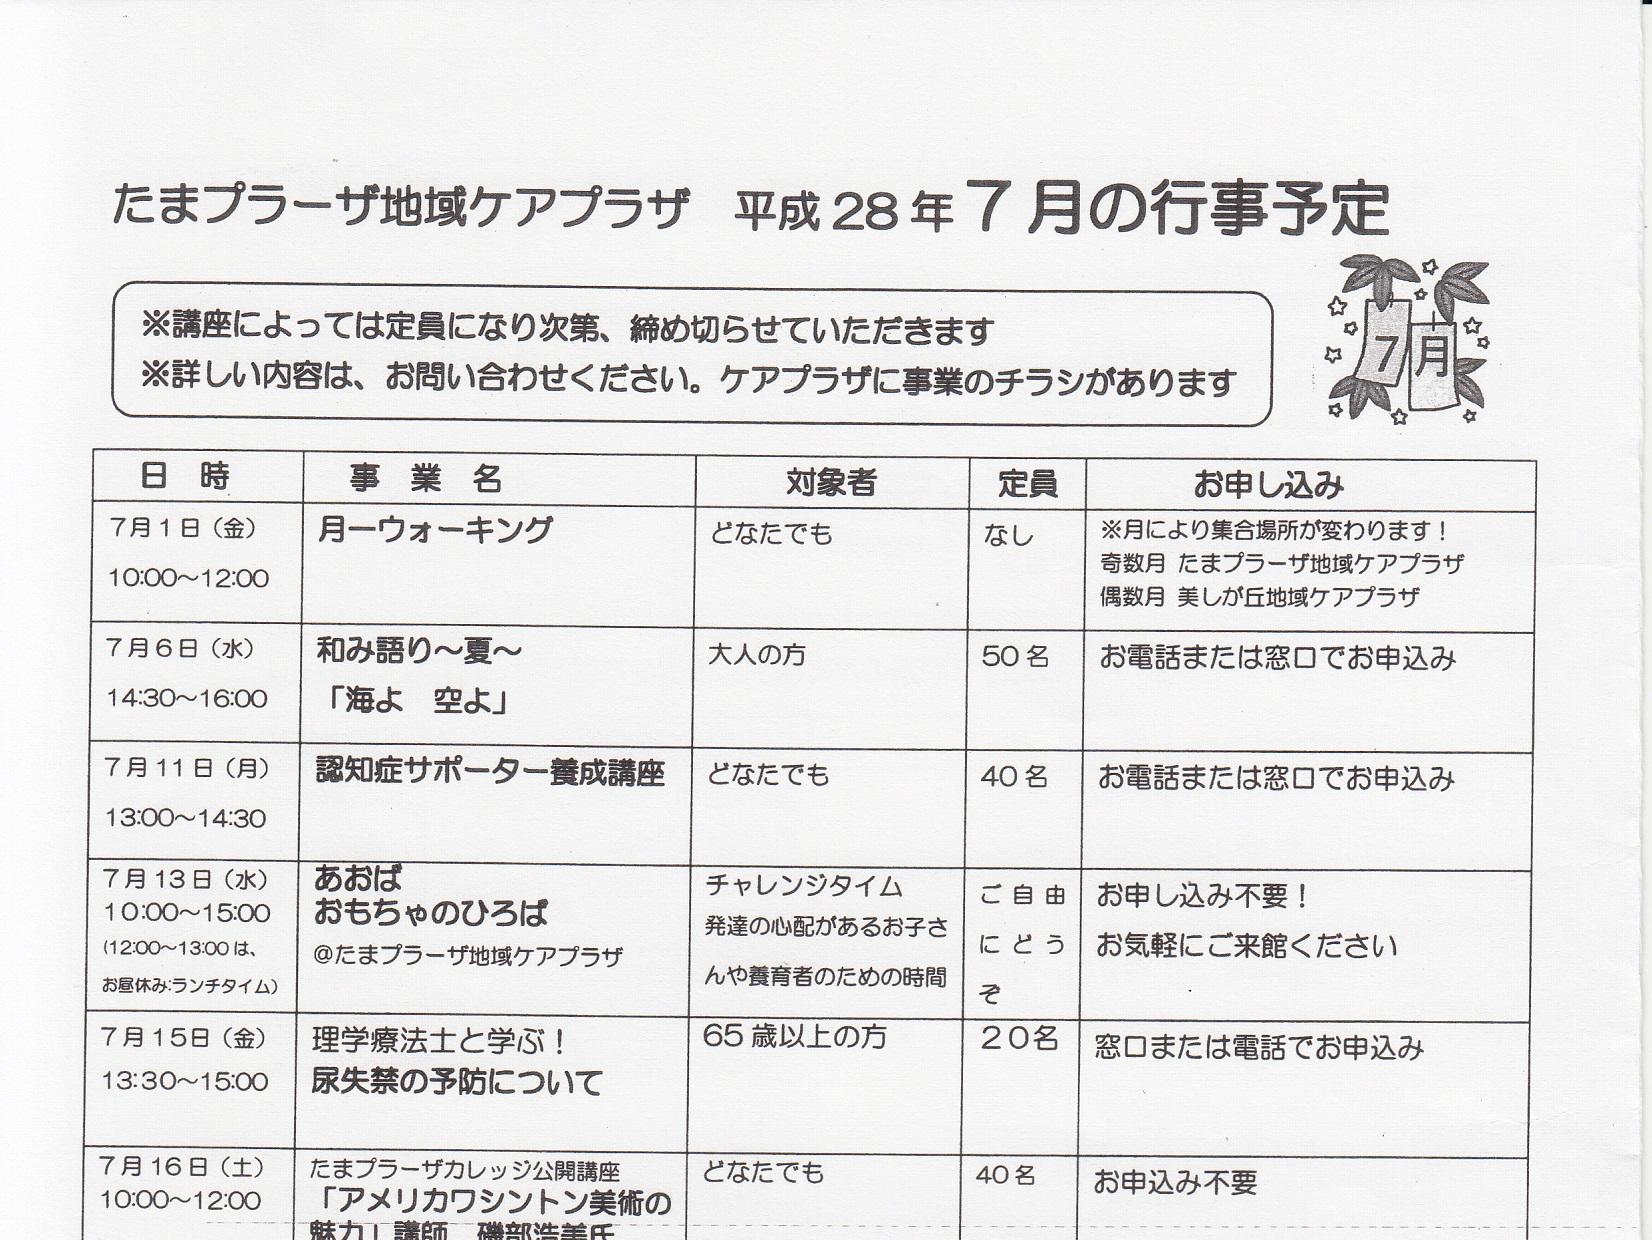 横浜市たまプラーザ地域ケアプラザ 7月行事予定